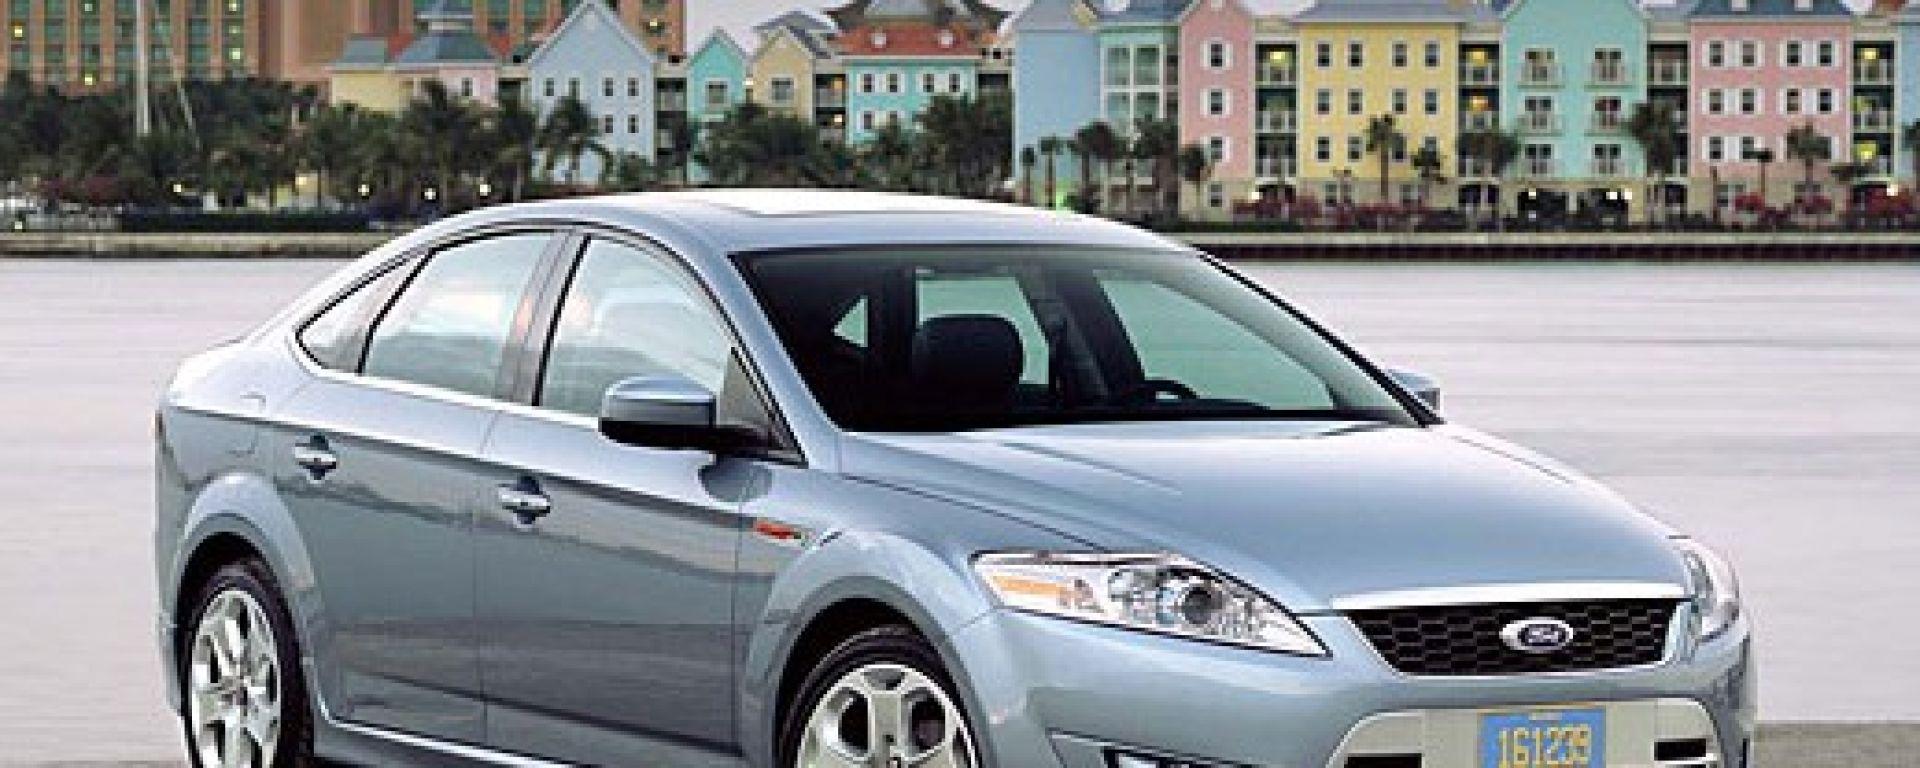 Ford Mondeo 2007: le foto ufficiali